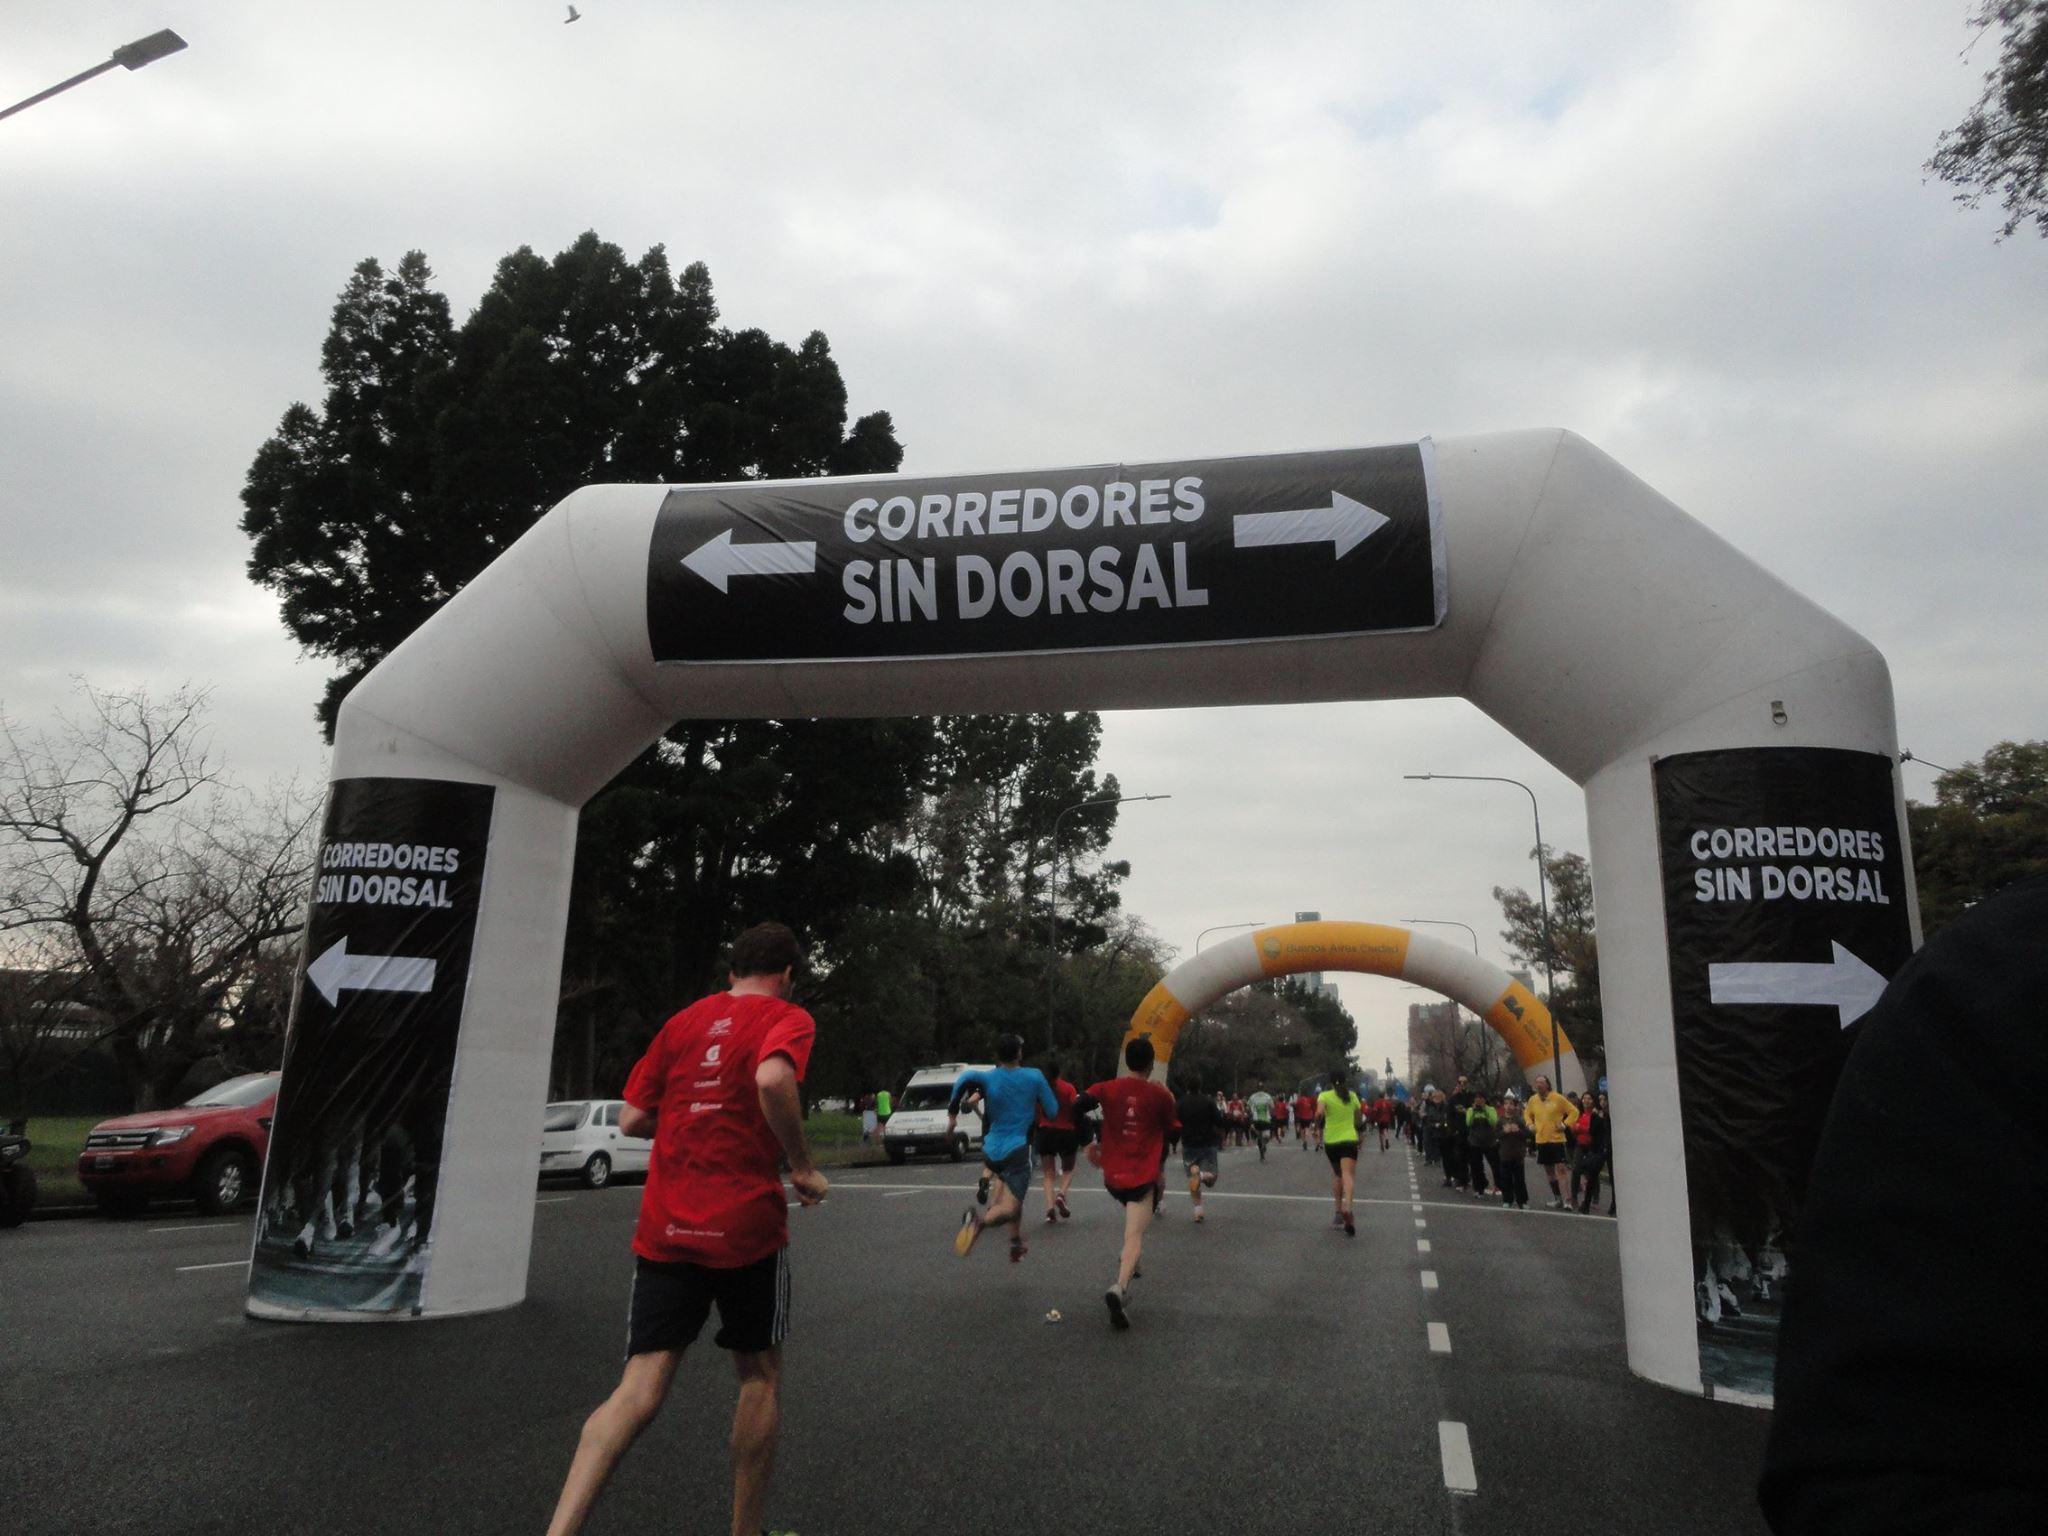 Posición oficial de las Organizaciones de Carreras de Argentina sobre participación de corredores por fuera de la inscripción formal